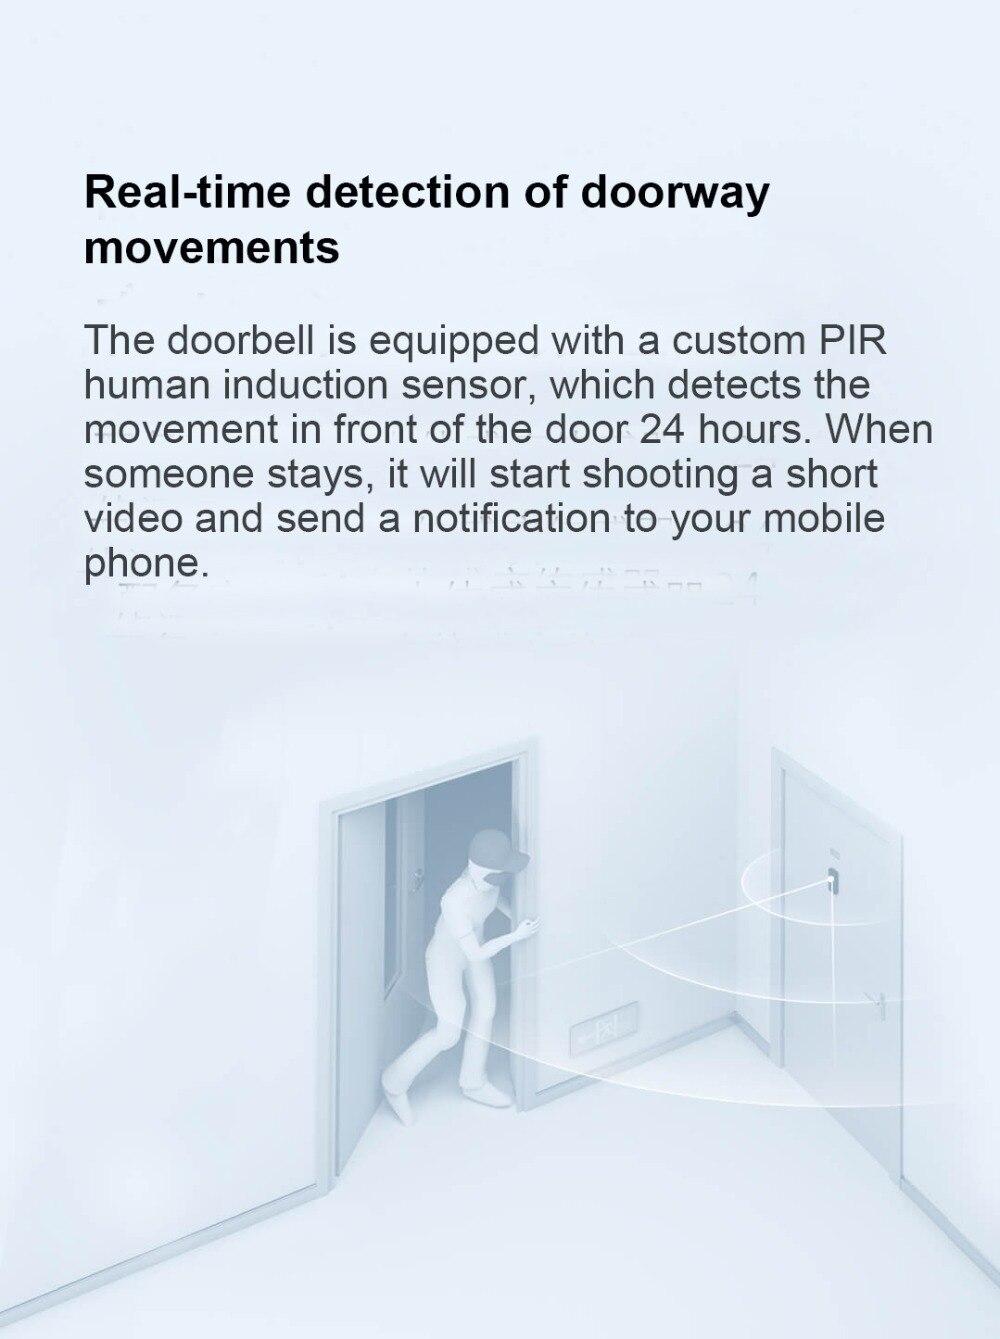 Xiaomi Mijia Smart Video Doorbell 2 Price in Bangladesh -4